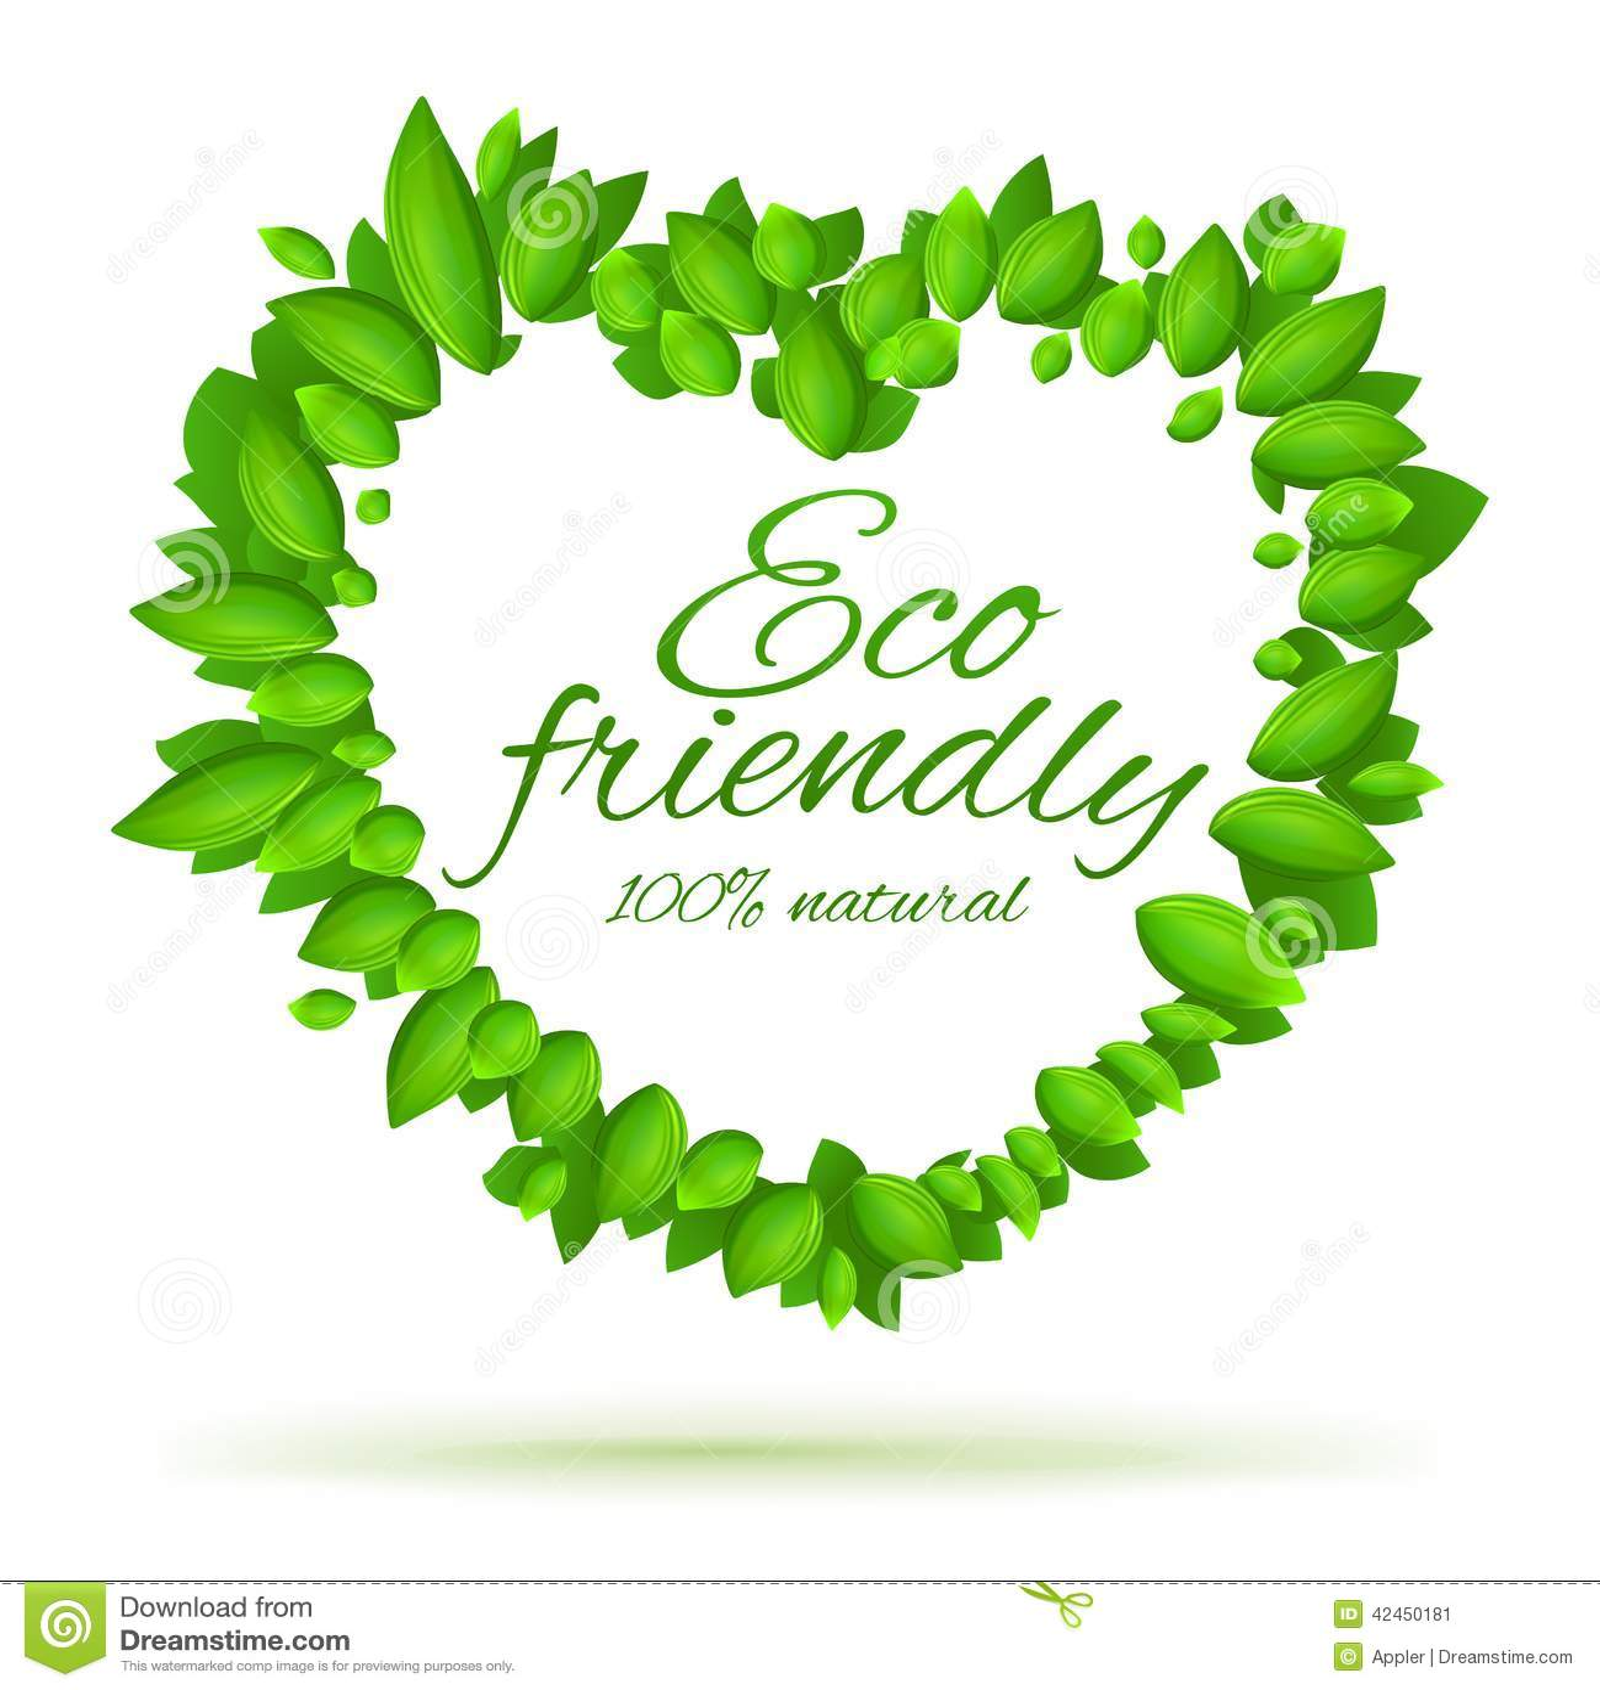 Freundlicher Aufkleber Eco mit Liebe